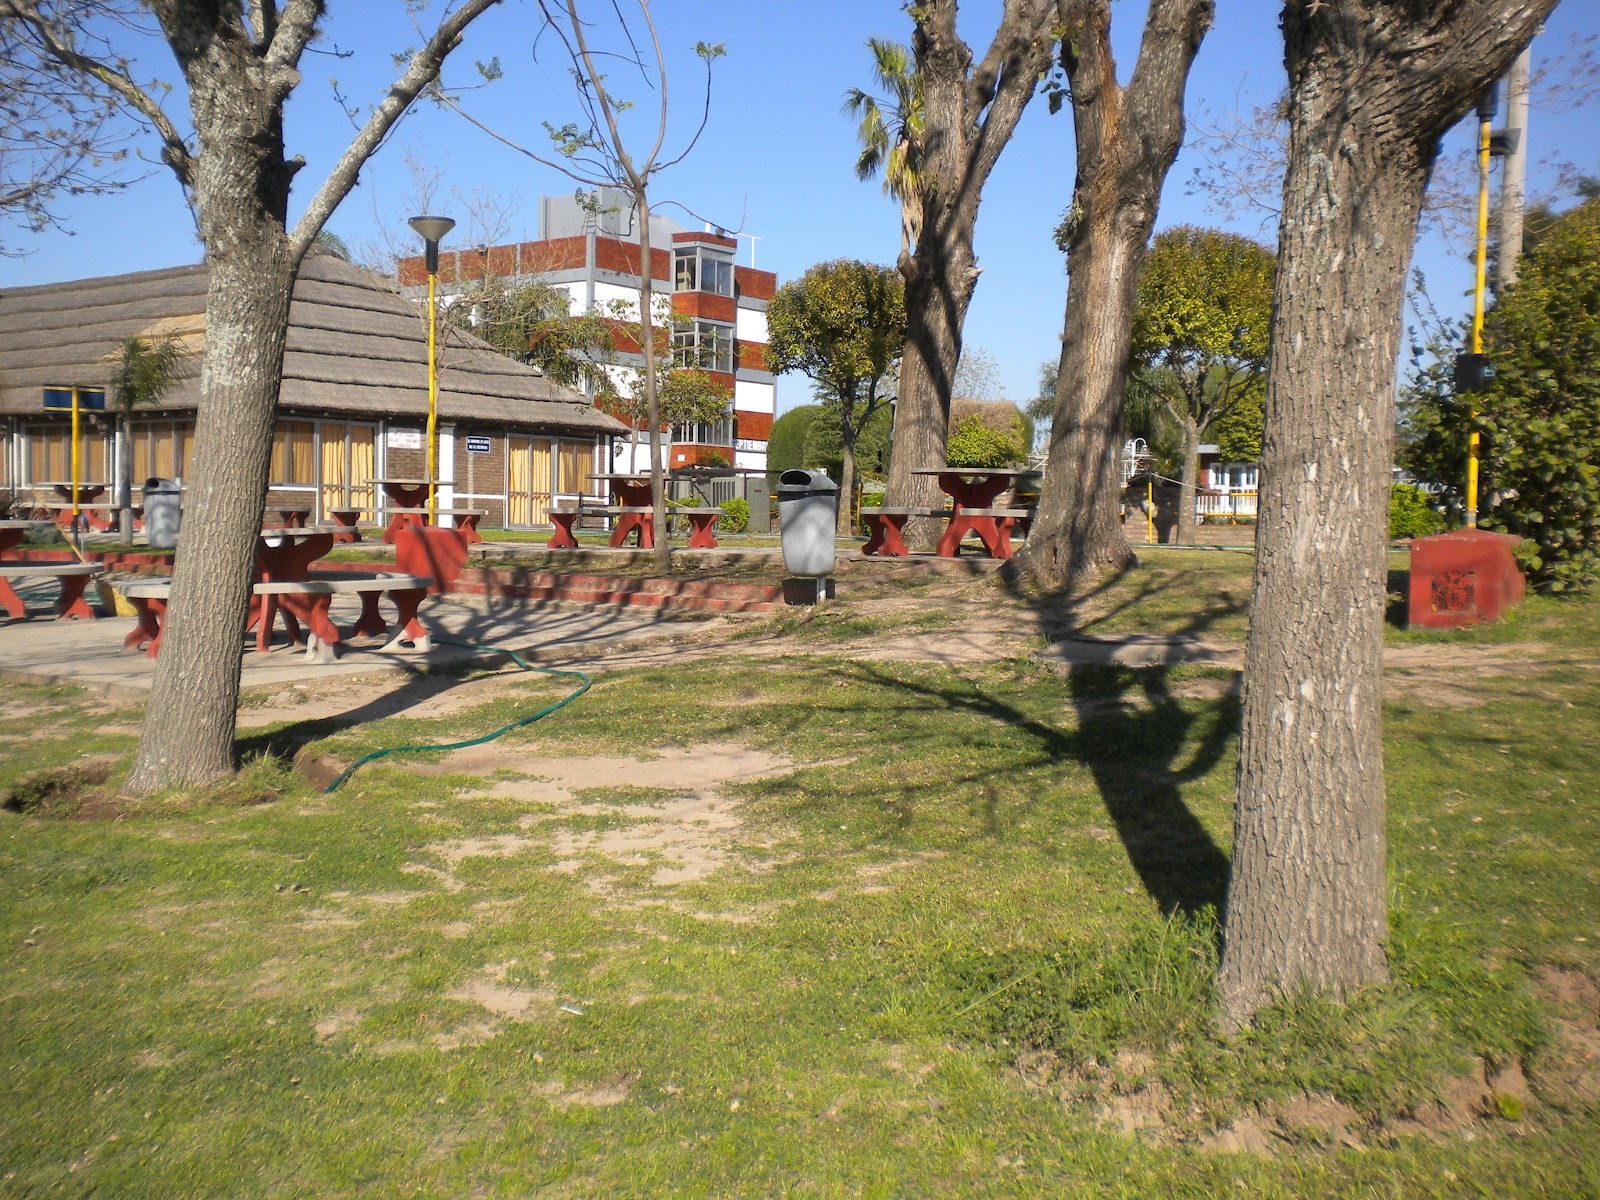 Jard n de infantes juan pablo ii for Camping el jardin san juan